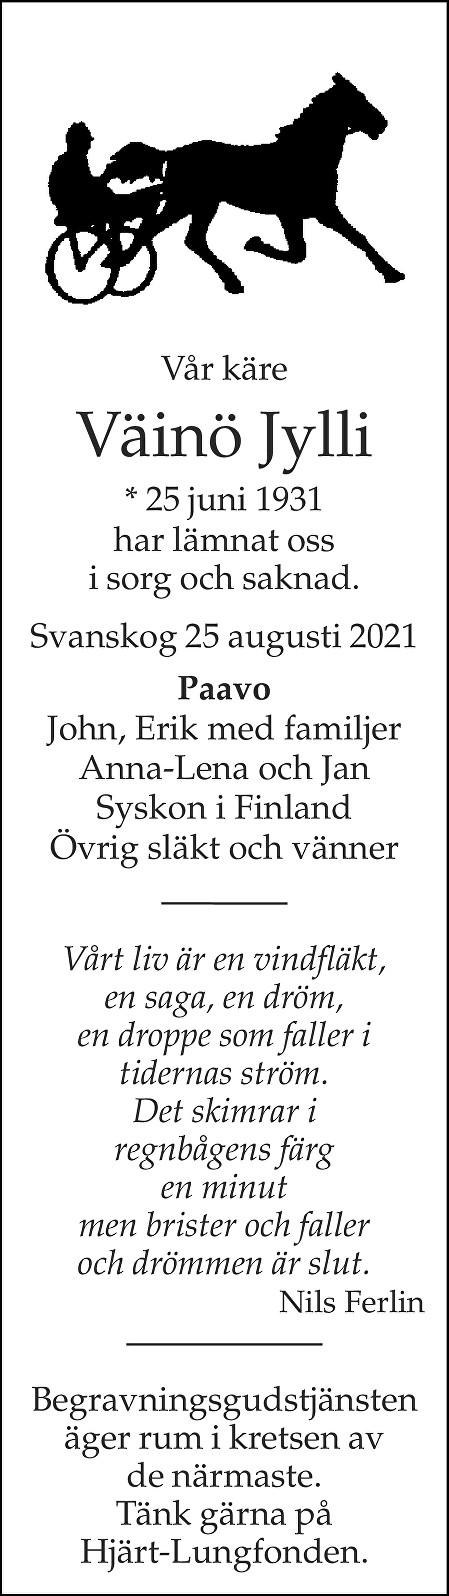 Väinö Jylli Death notice